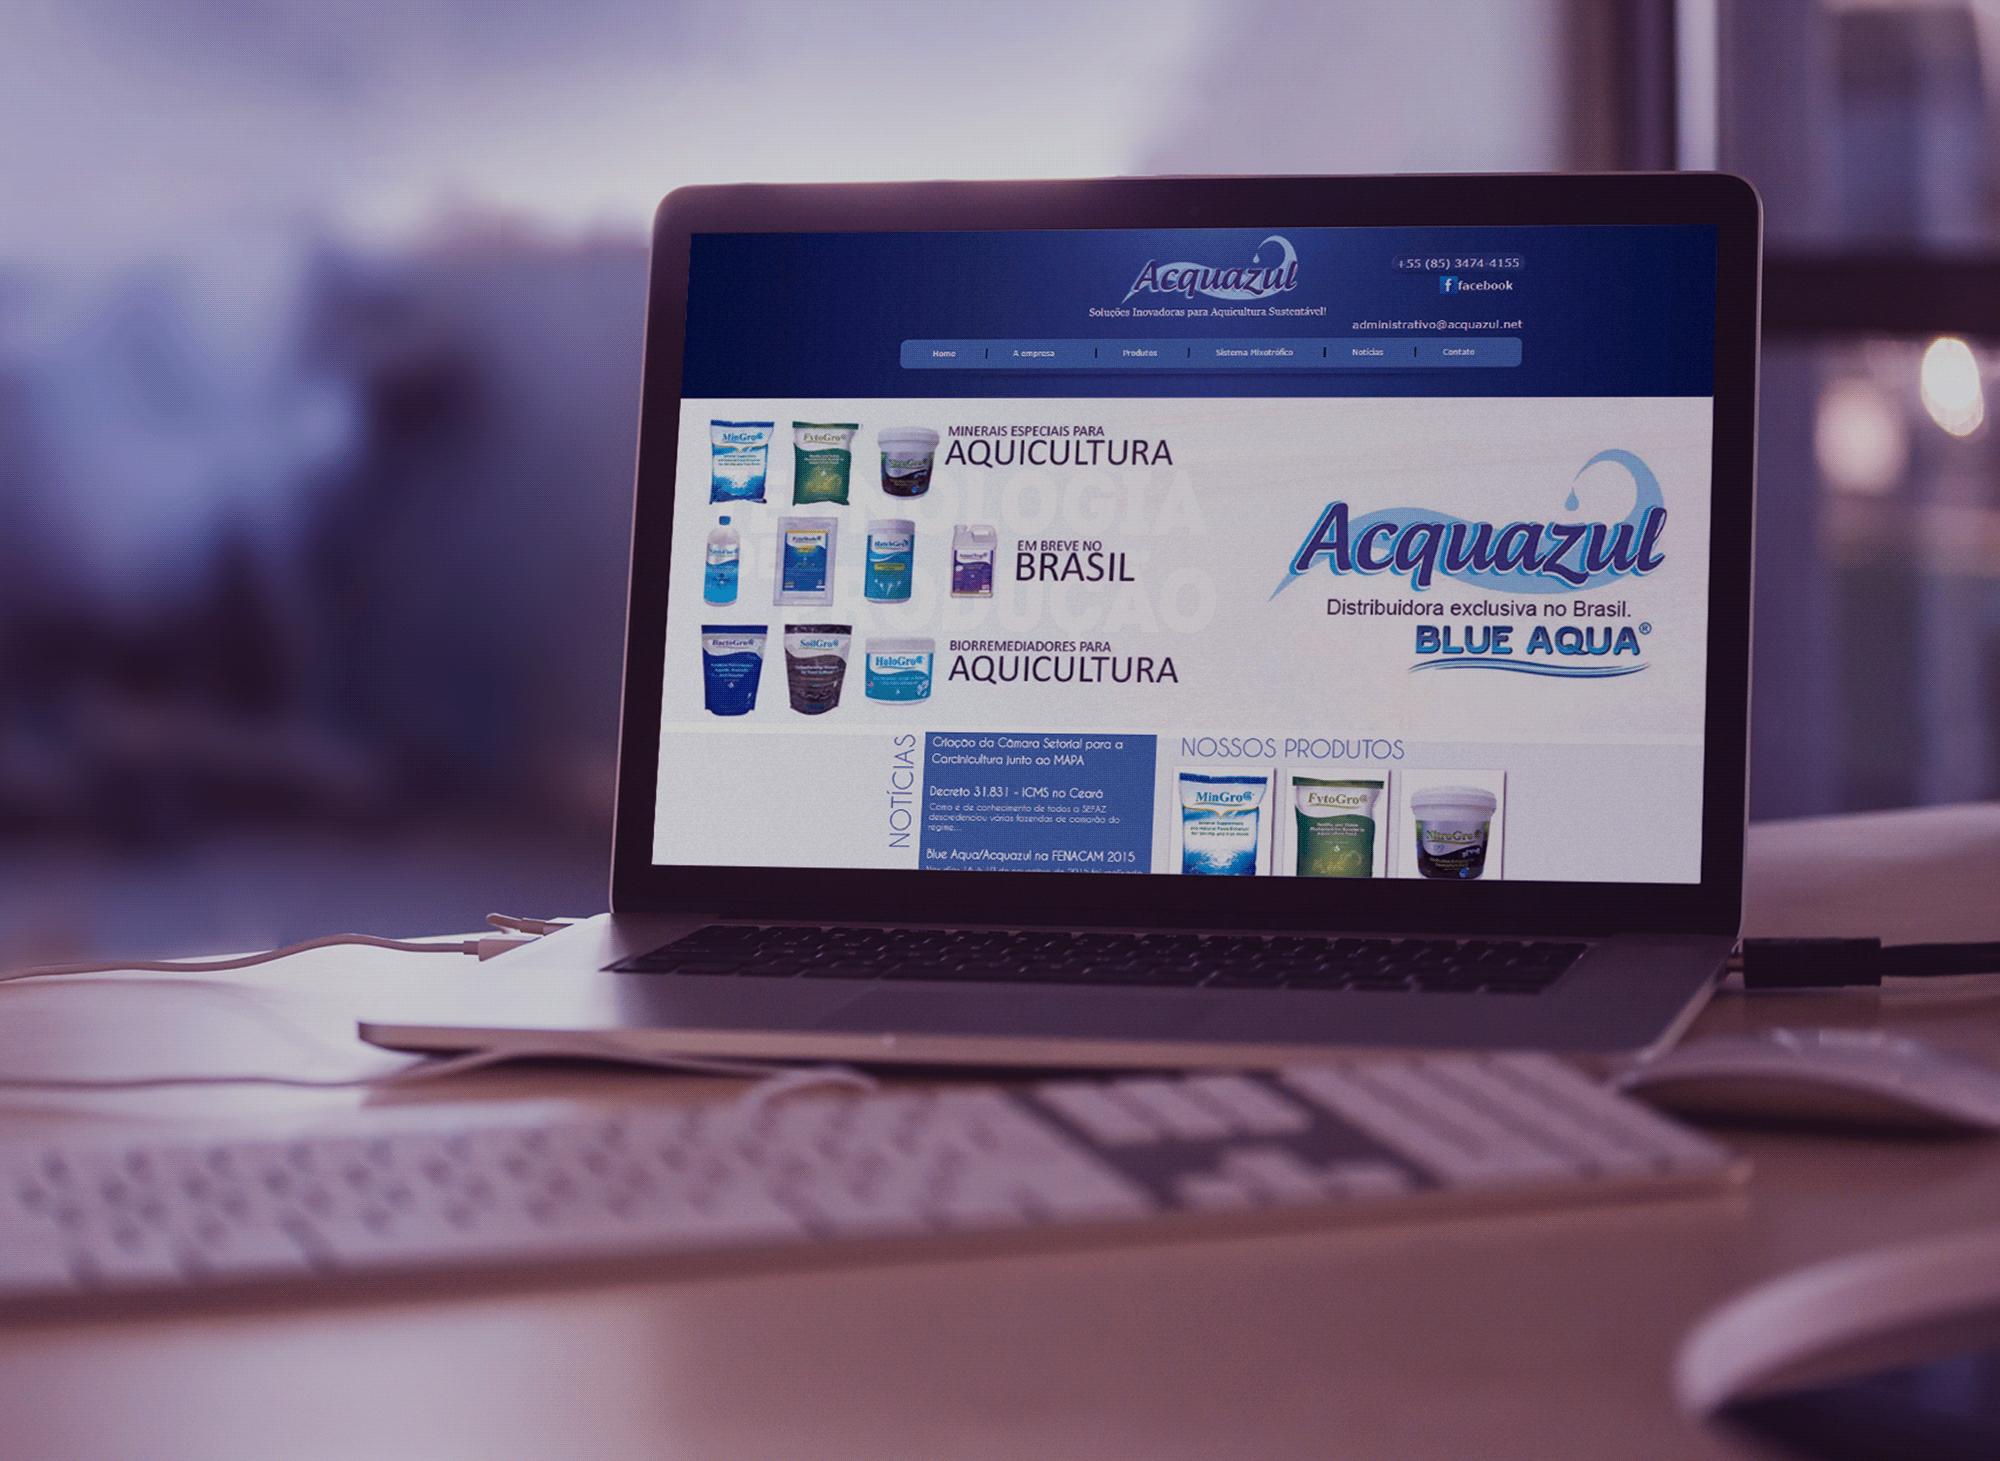 site-acquazul-distribuidora-portfolio-criacao-sites-agencia-diretriz-digital-marketing